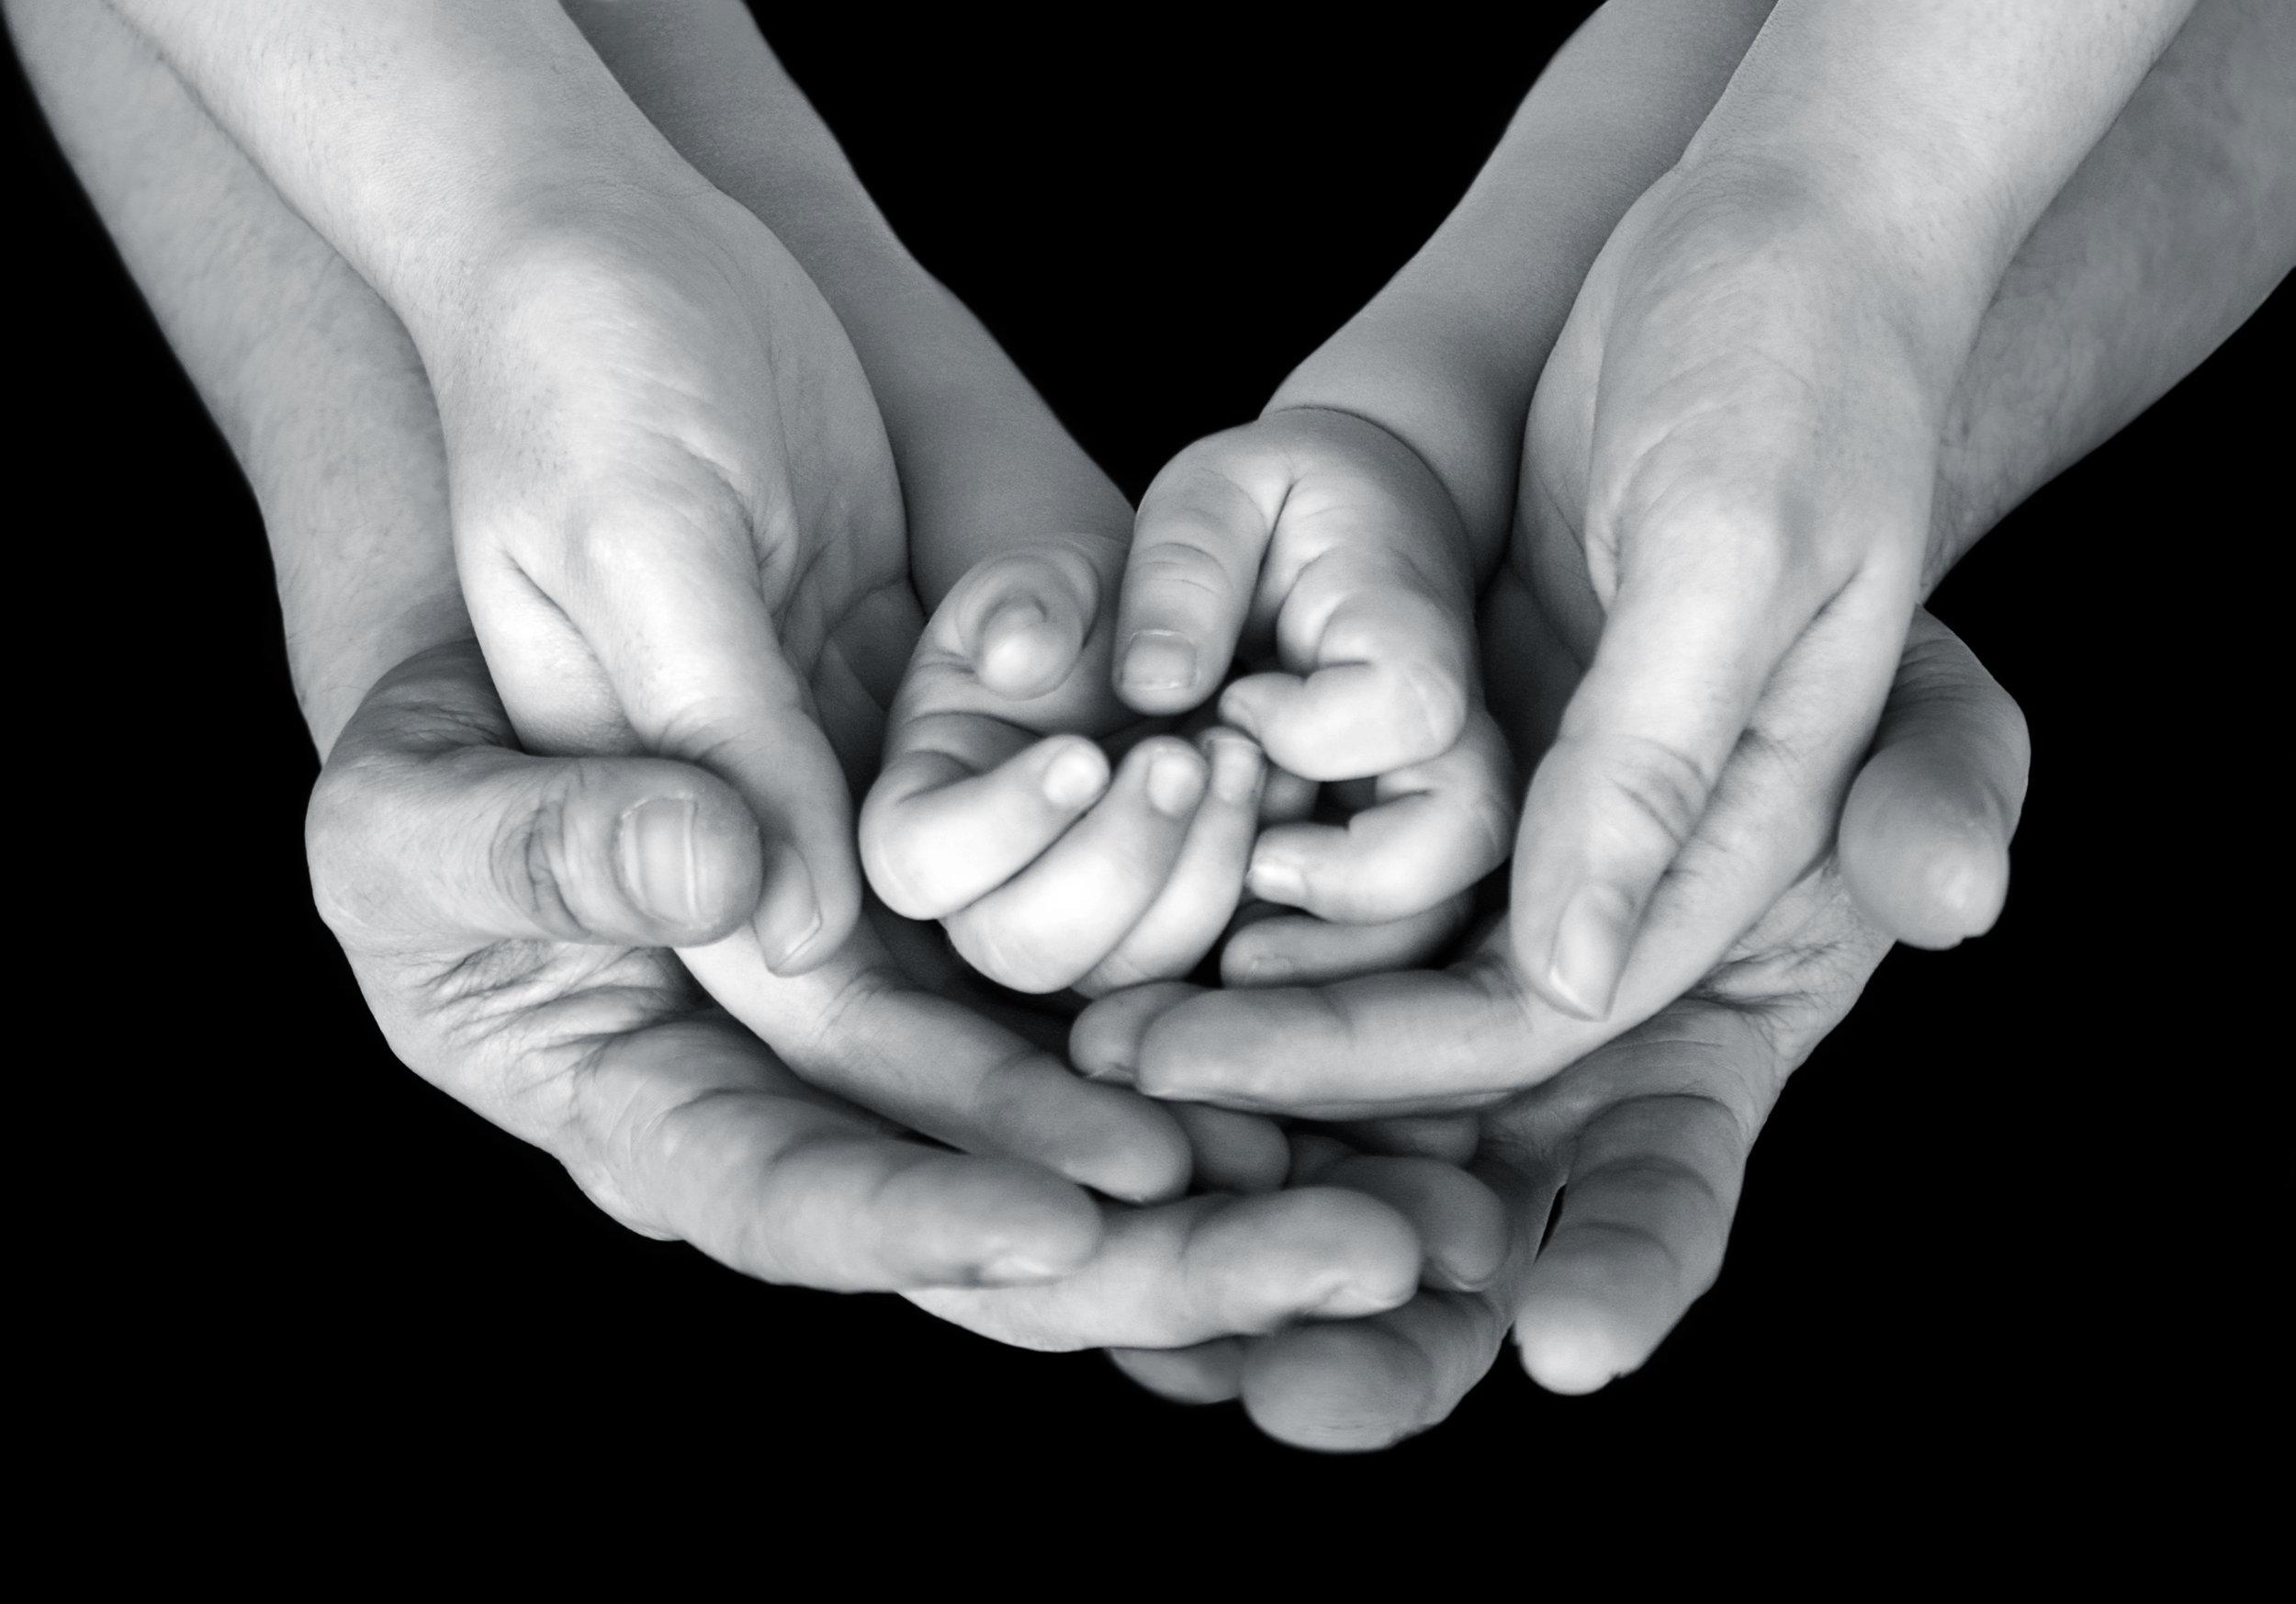 hands -